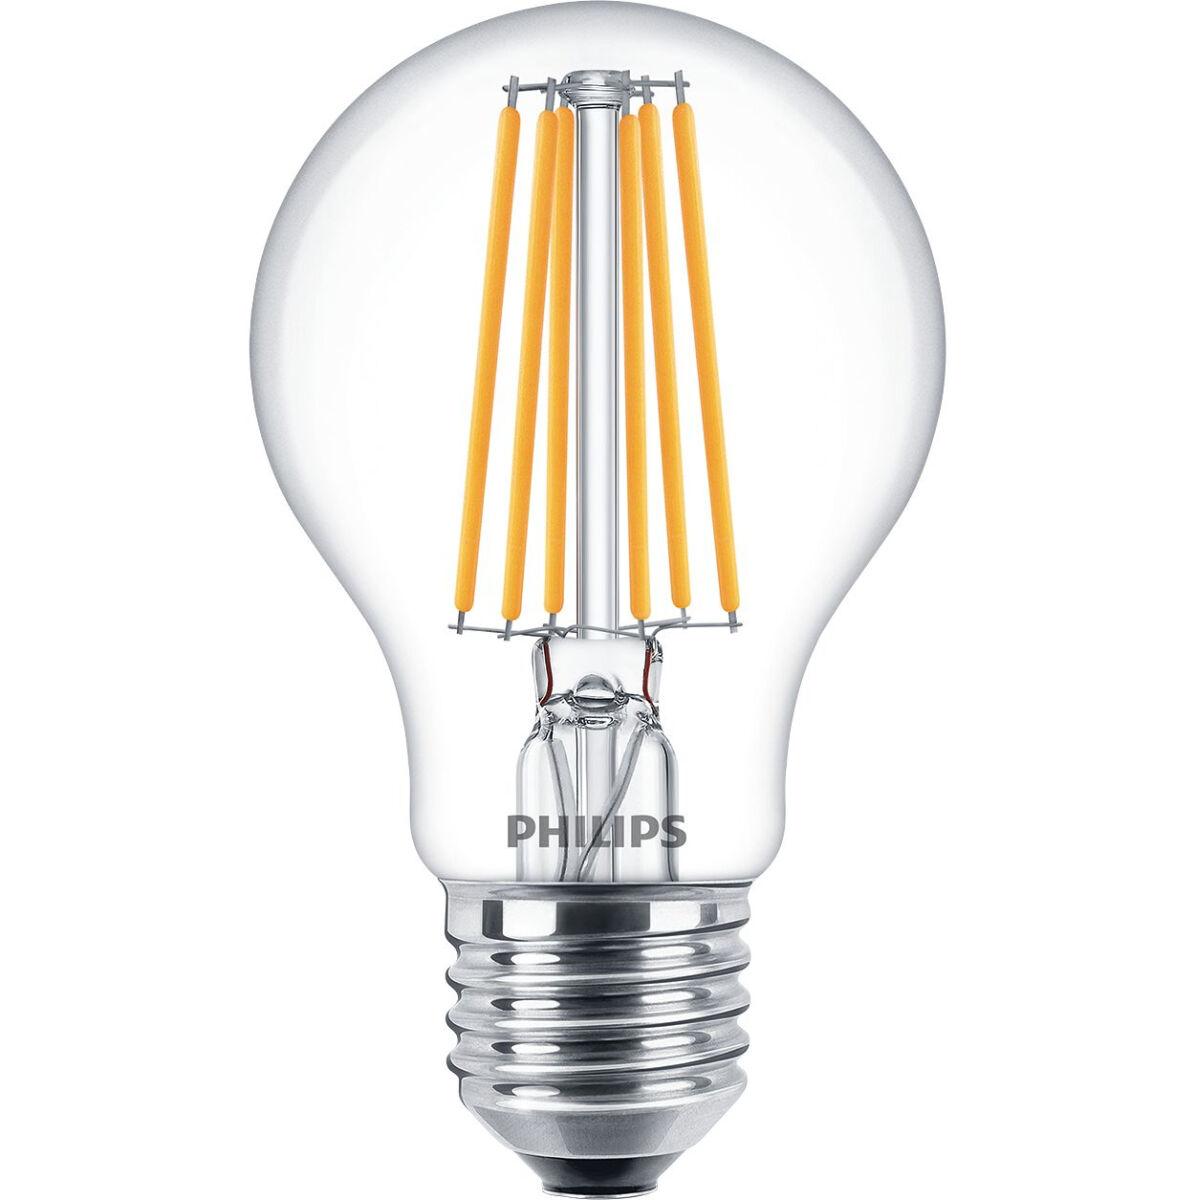 Philips philed75 lampada led goccia trasparente e27 08w for Lampade e27 a led